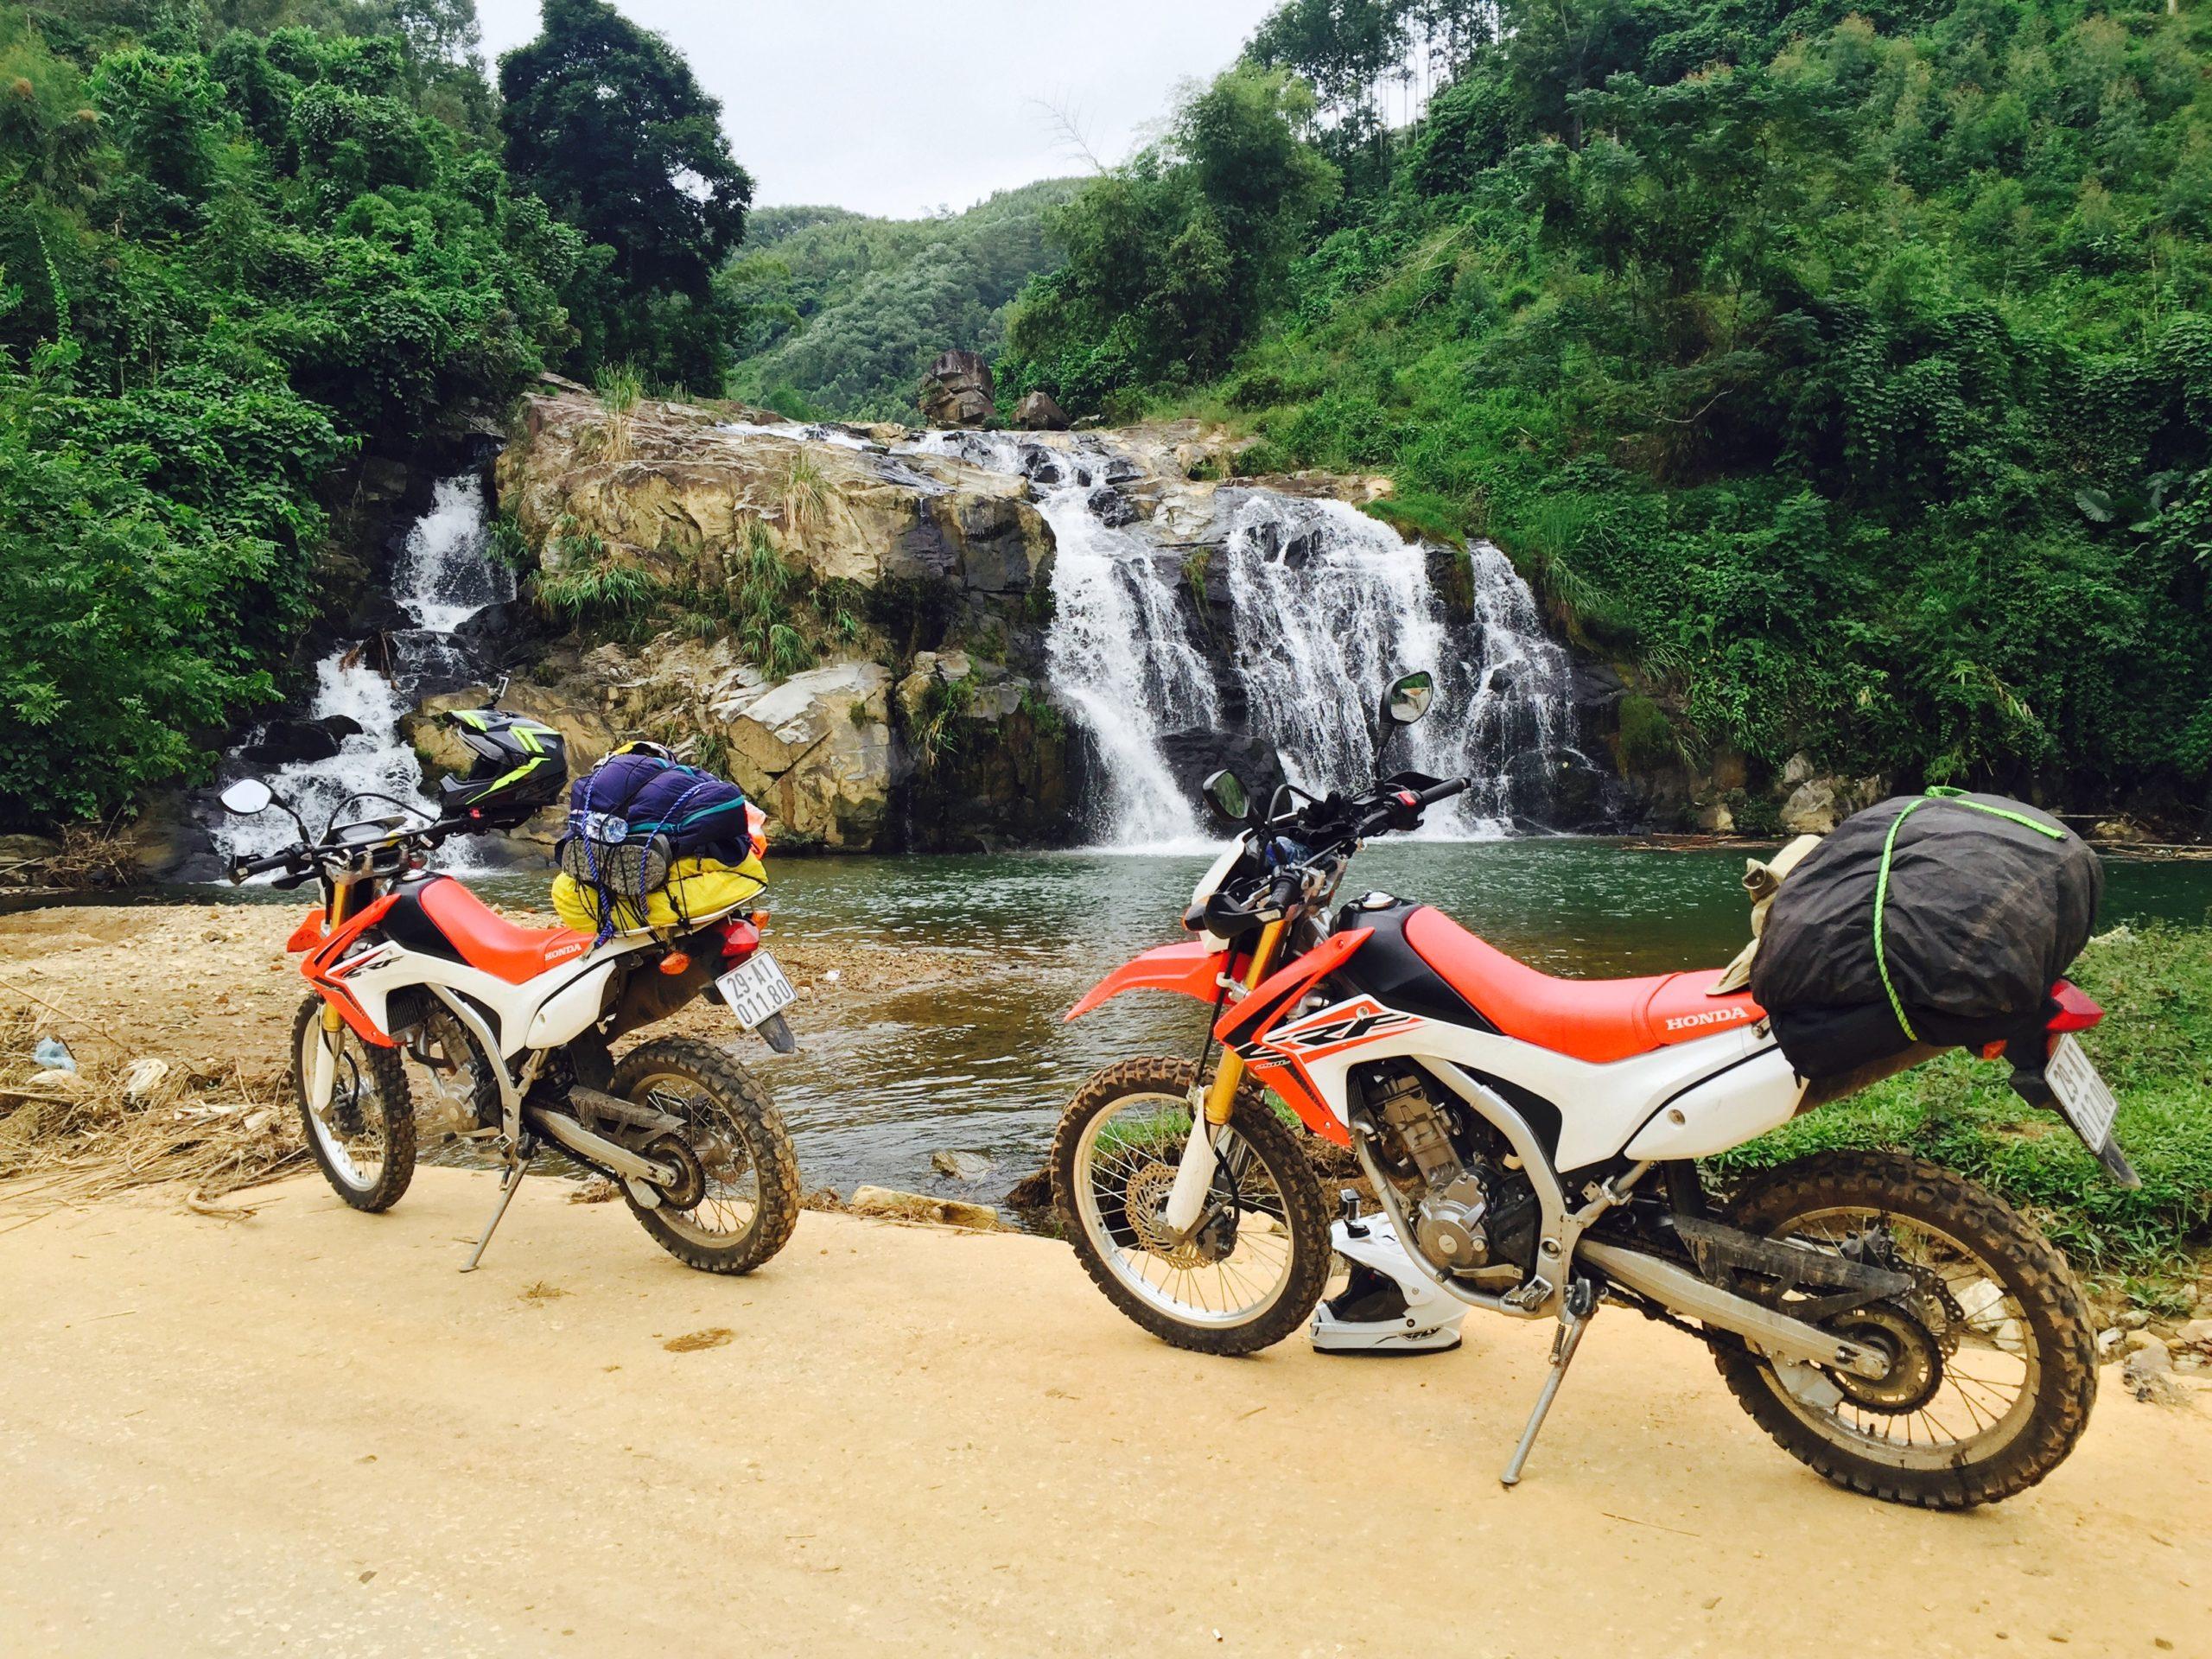 К водопаду на байке